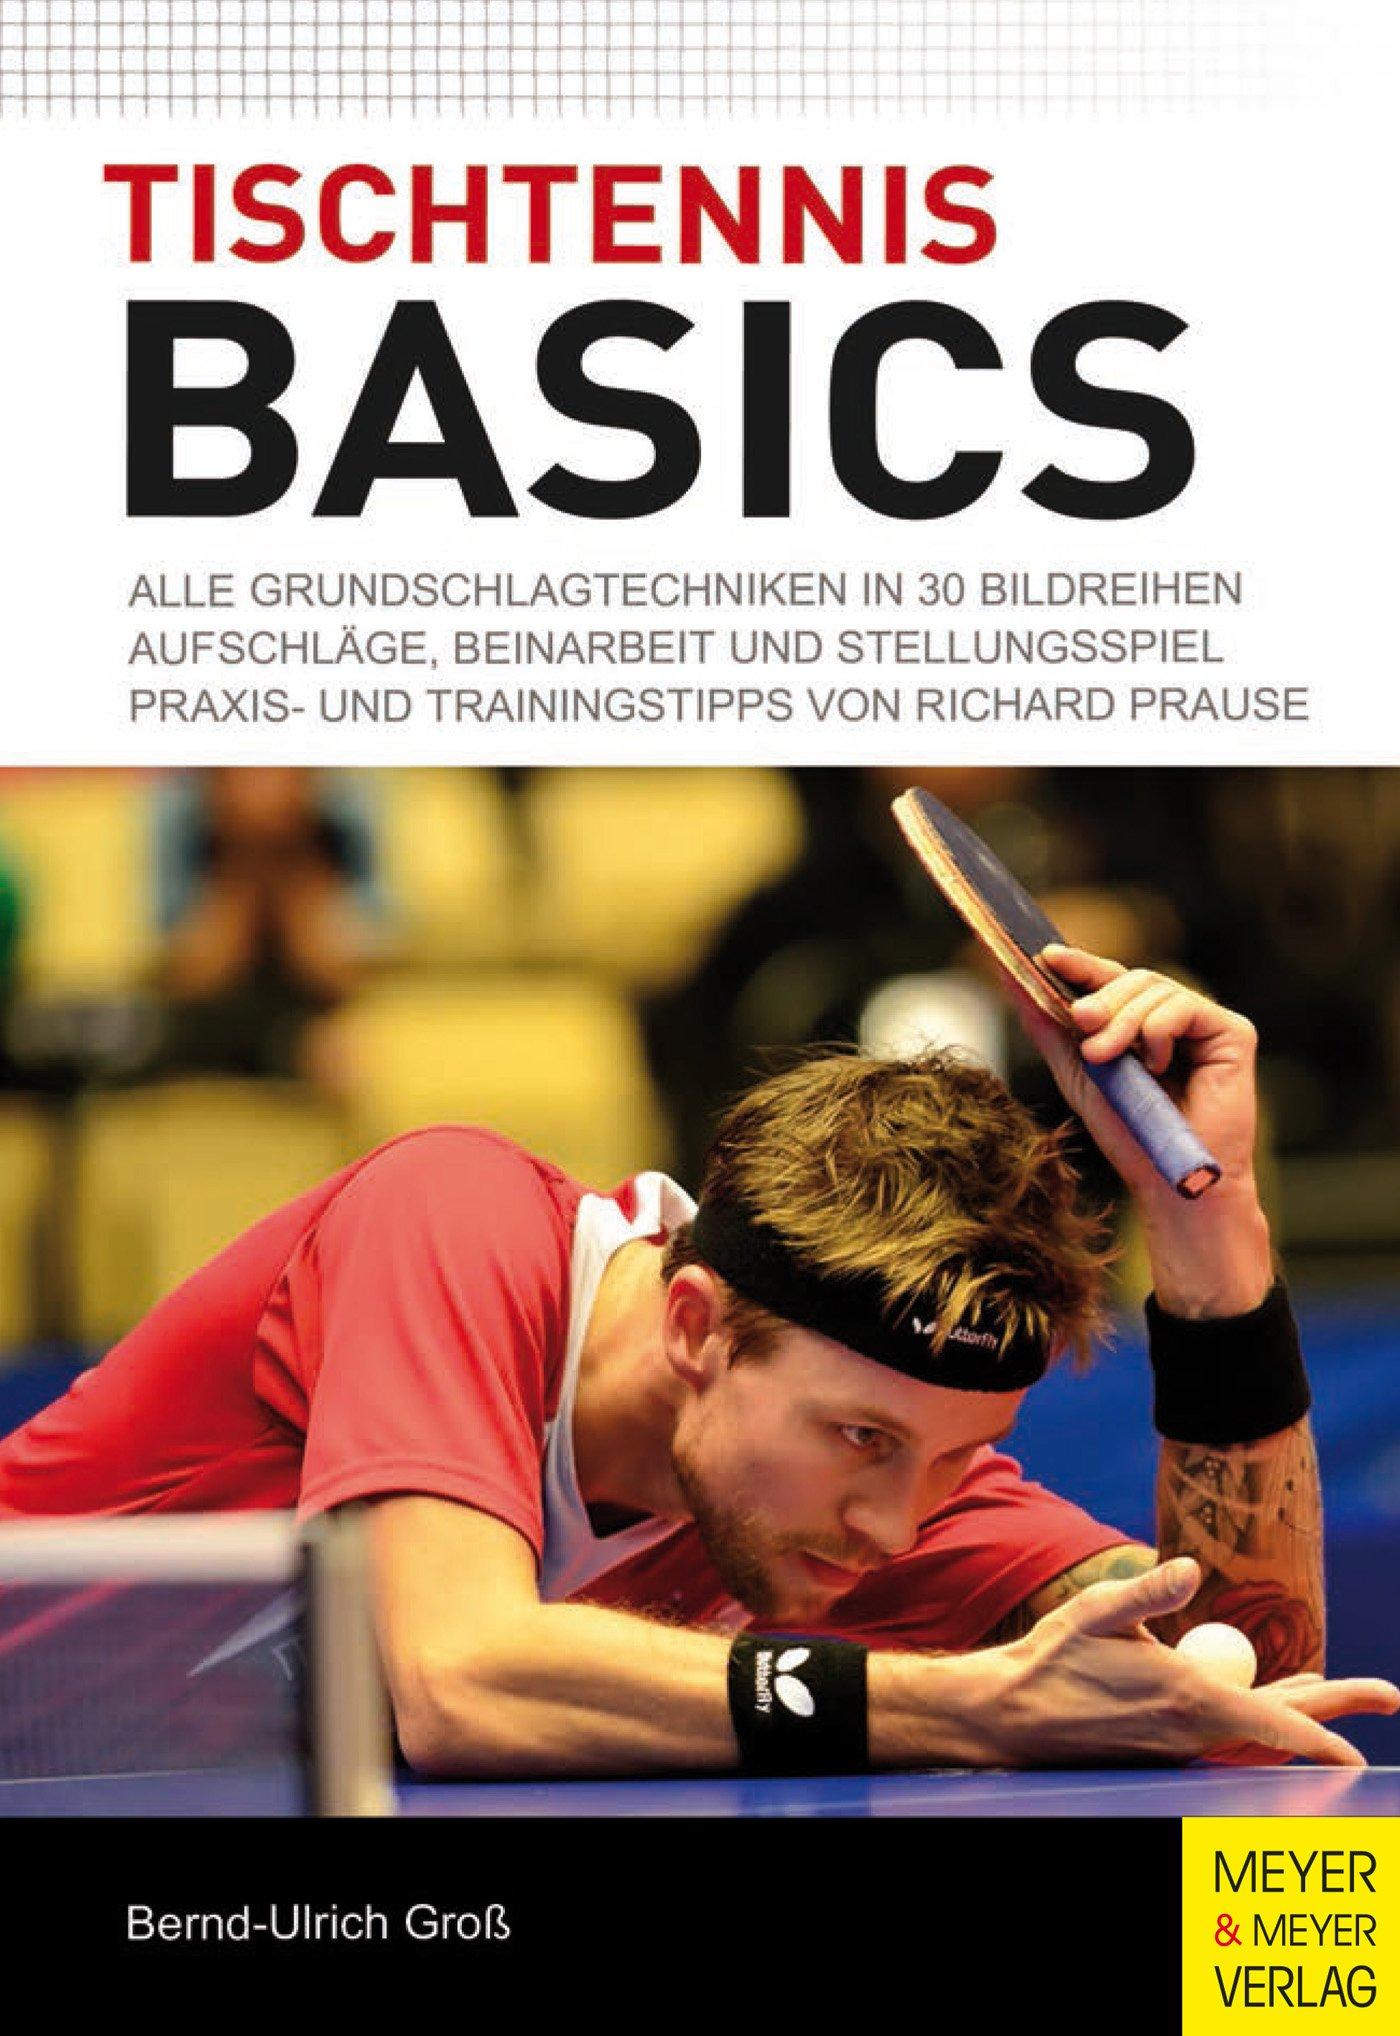 Tischtennis Basics  Alle Grundschlagtechniken In 30 Bildreihen. Aufschläge Beinarbeit Und Stellungsspiel. Praxis  Und Trainingstipps Von Richard Prause.